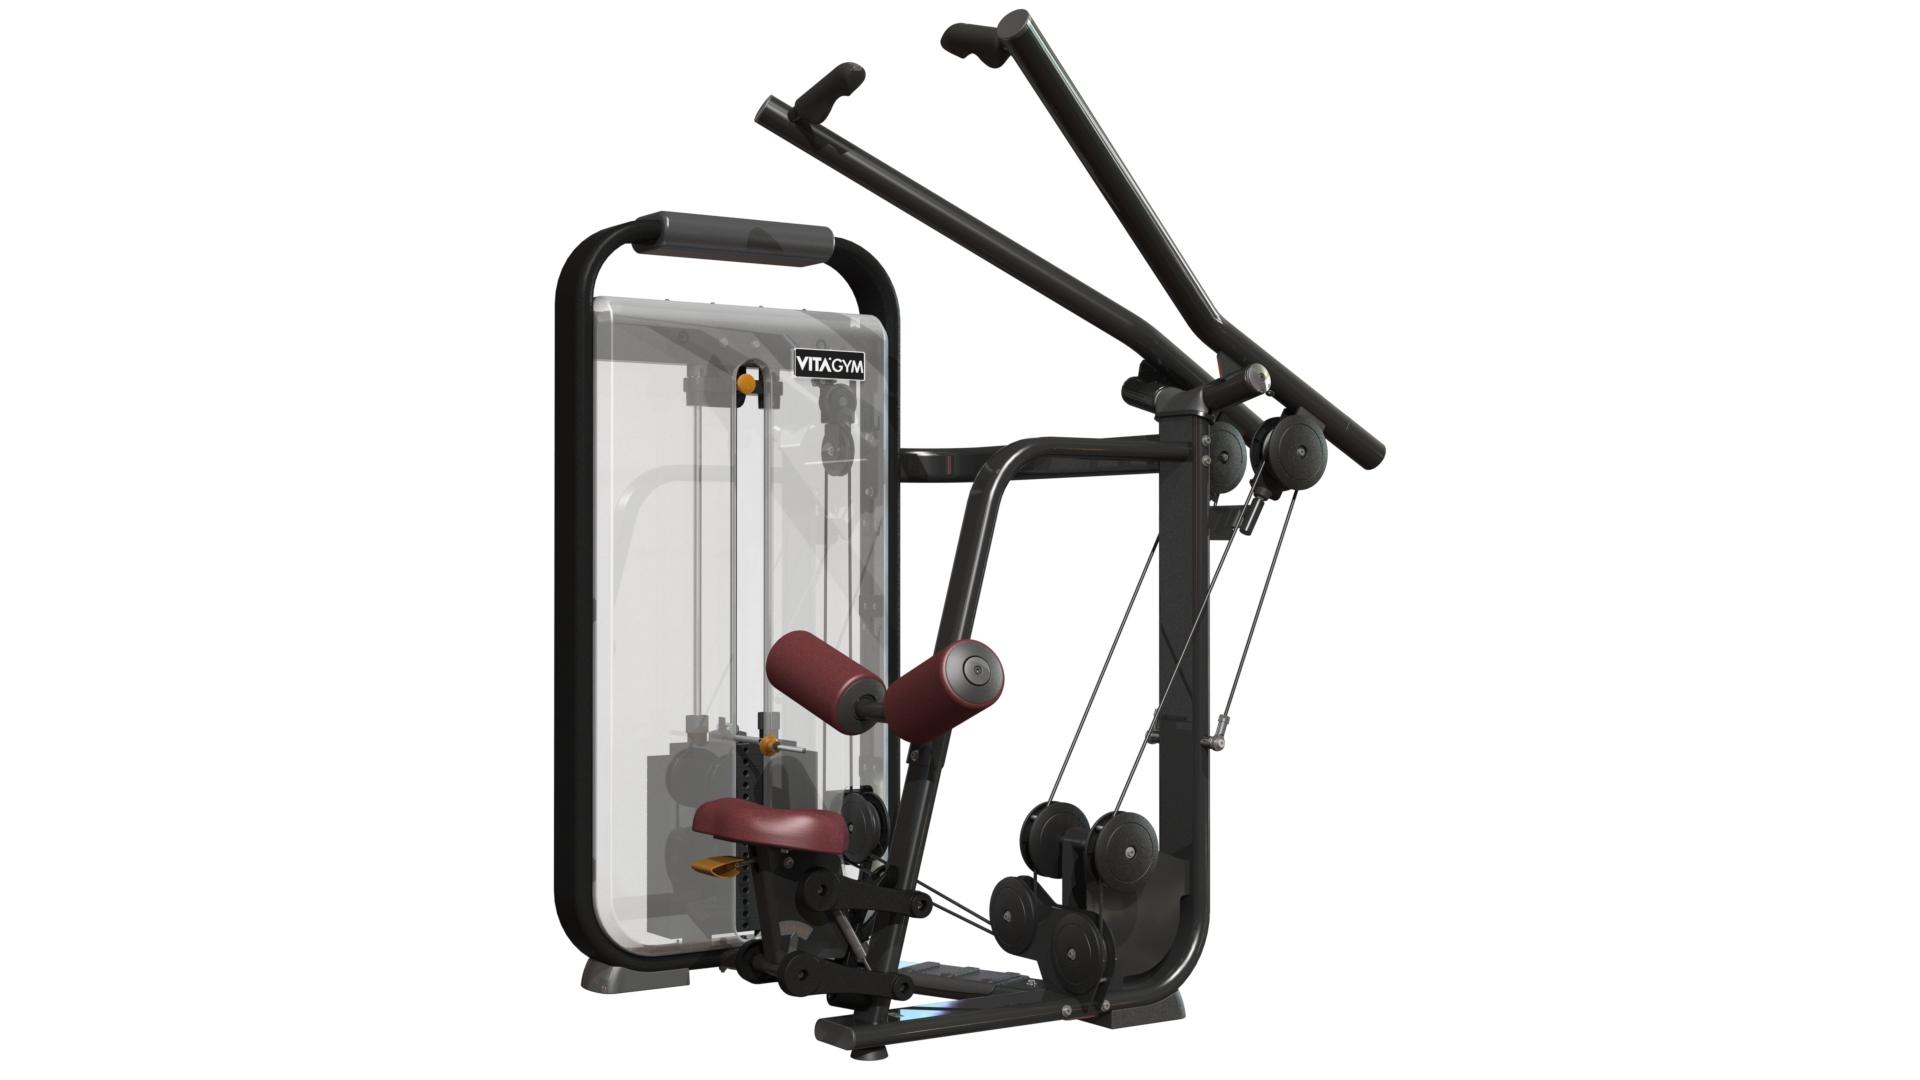 坐式高拉训练机